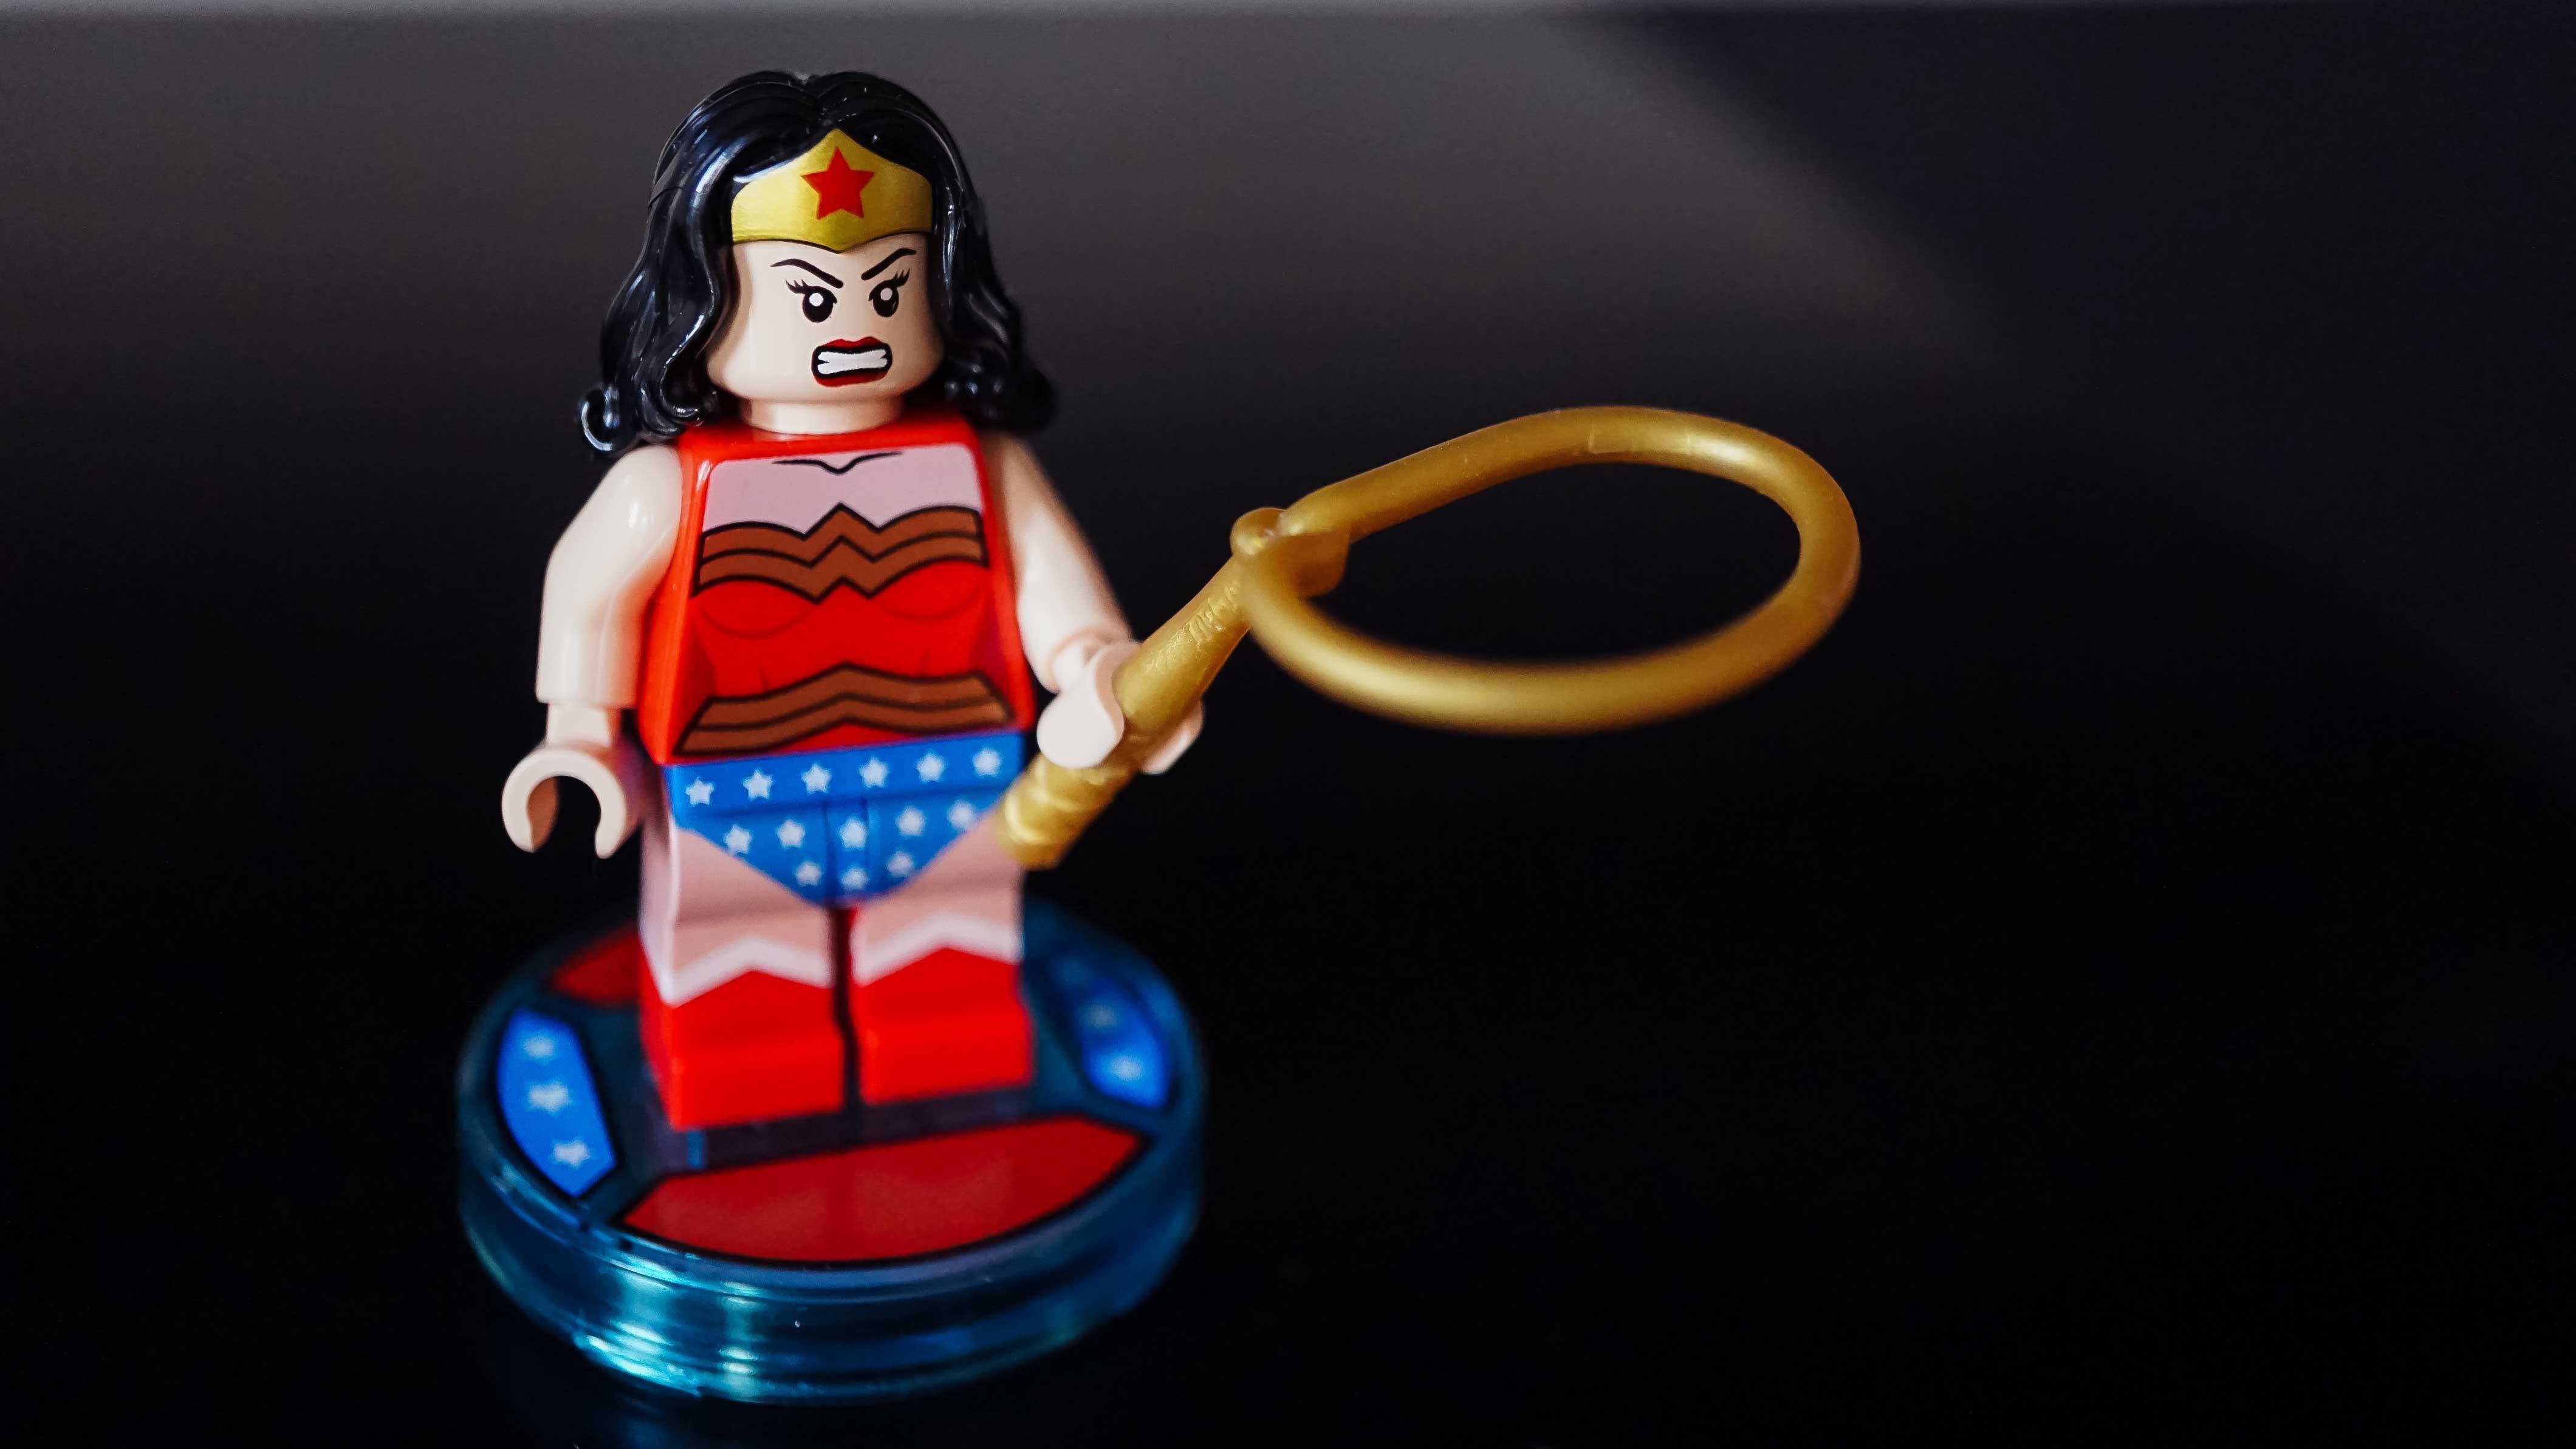 Miniatura de LEGO da Mulher Maravilha com o laço da verdade na mão.